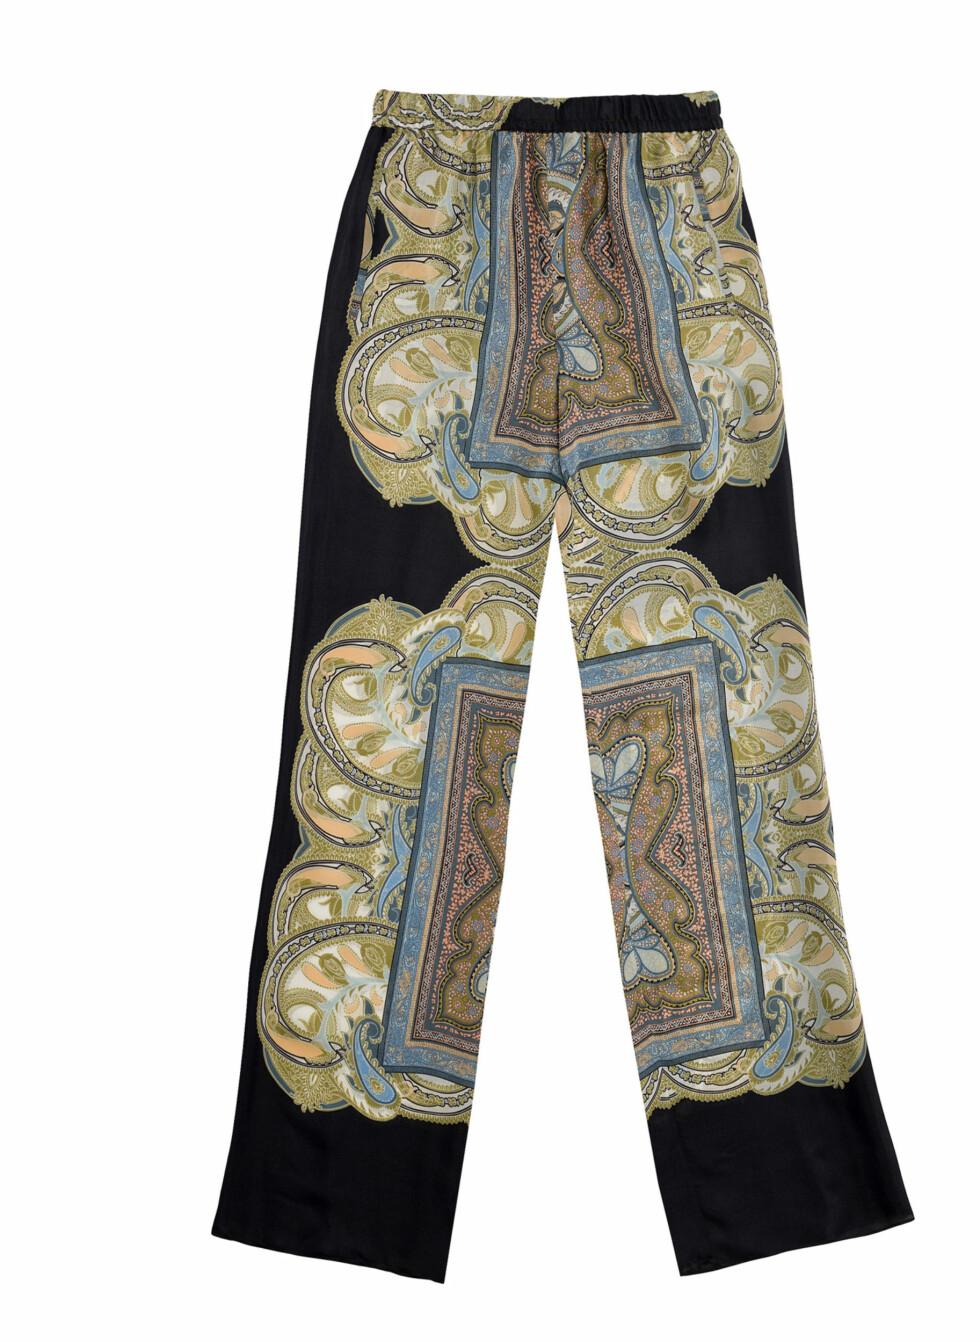 Vide, sorte bukser med silkeskjerf-trykk (Pris kommer).  Foto: Zara